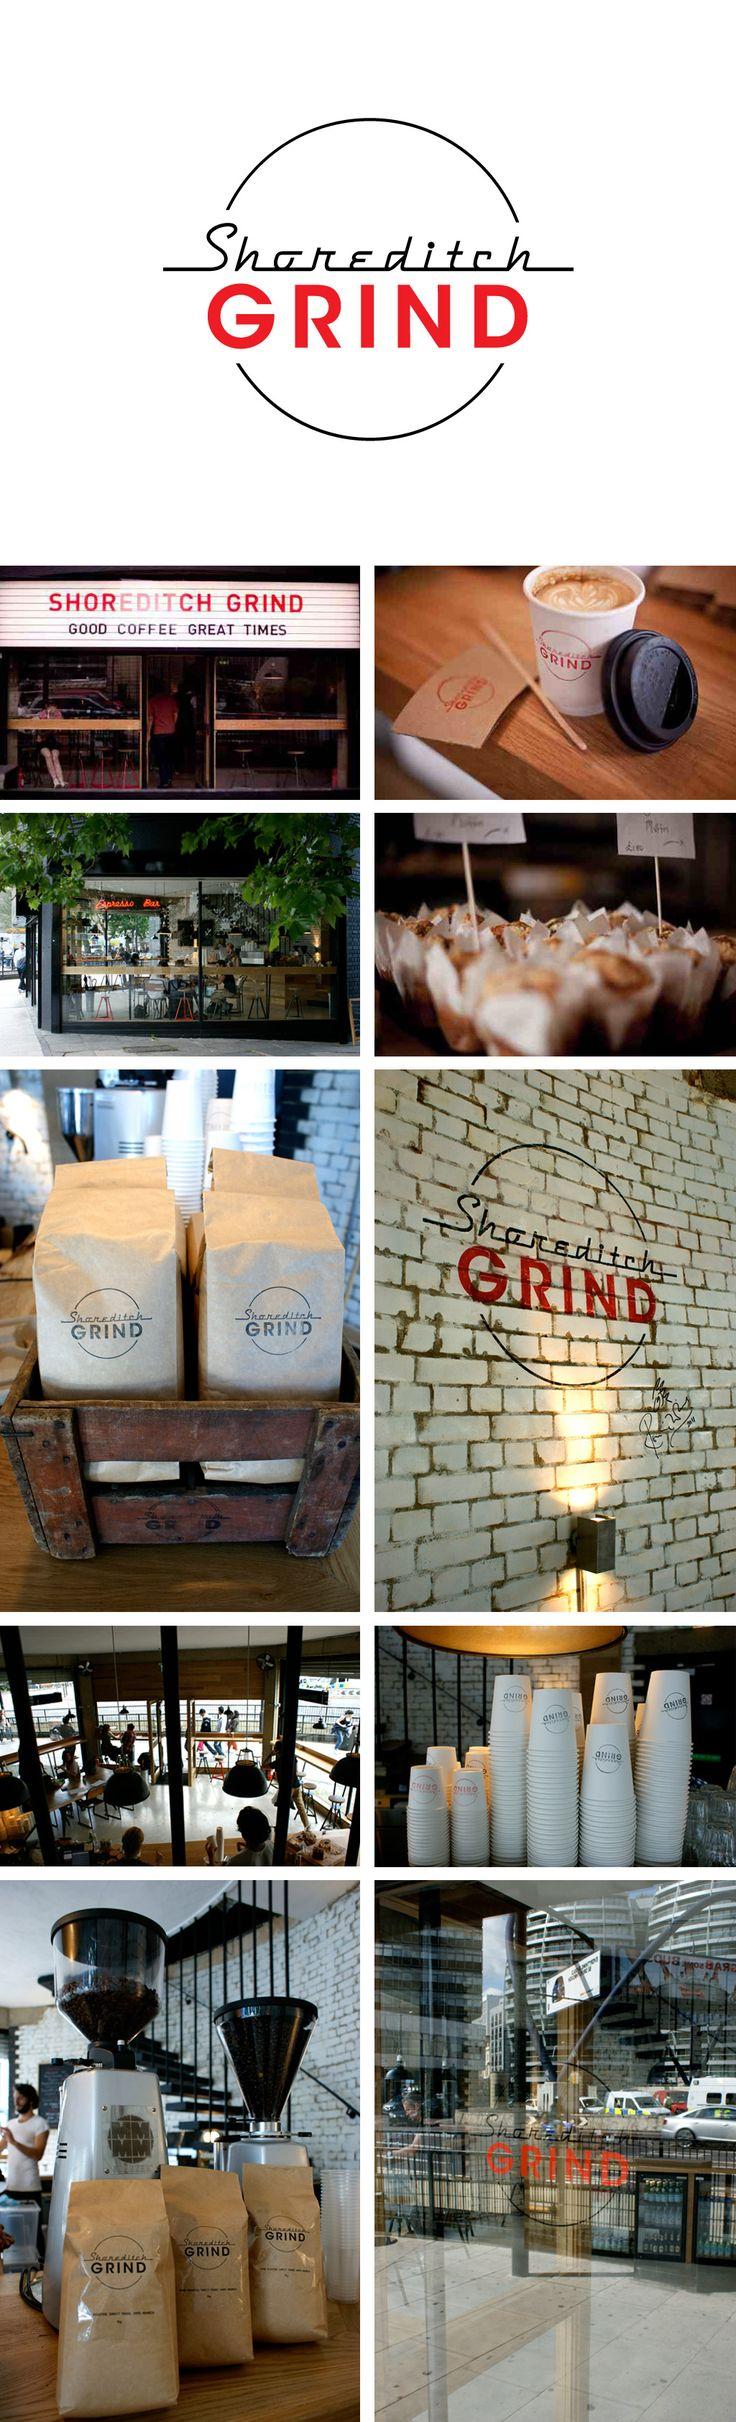 GREAT COFFEE & ESPRESSO  Shoreditch Grind 213 Old Street London EC1V 9NR  http://www.shoreditchgrind.com/